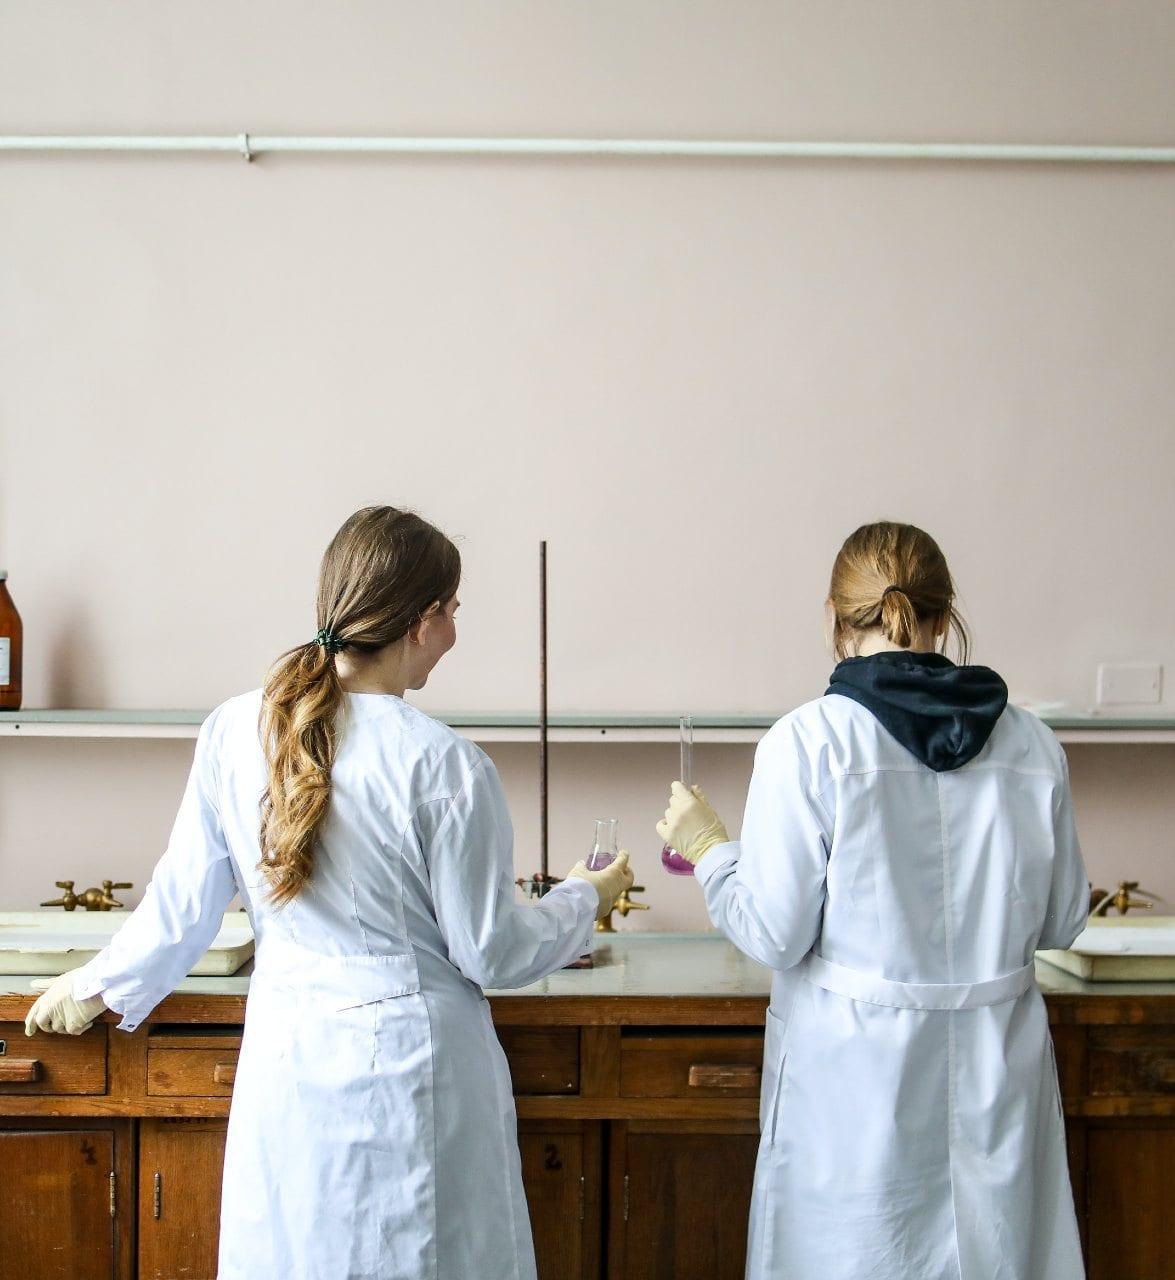 Científicas trabajando en el laboratorio